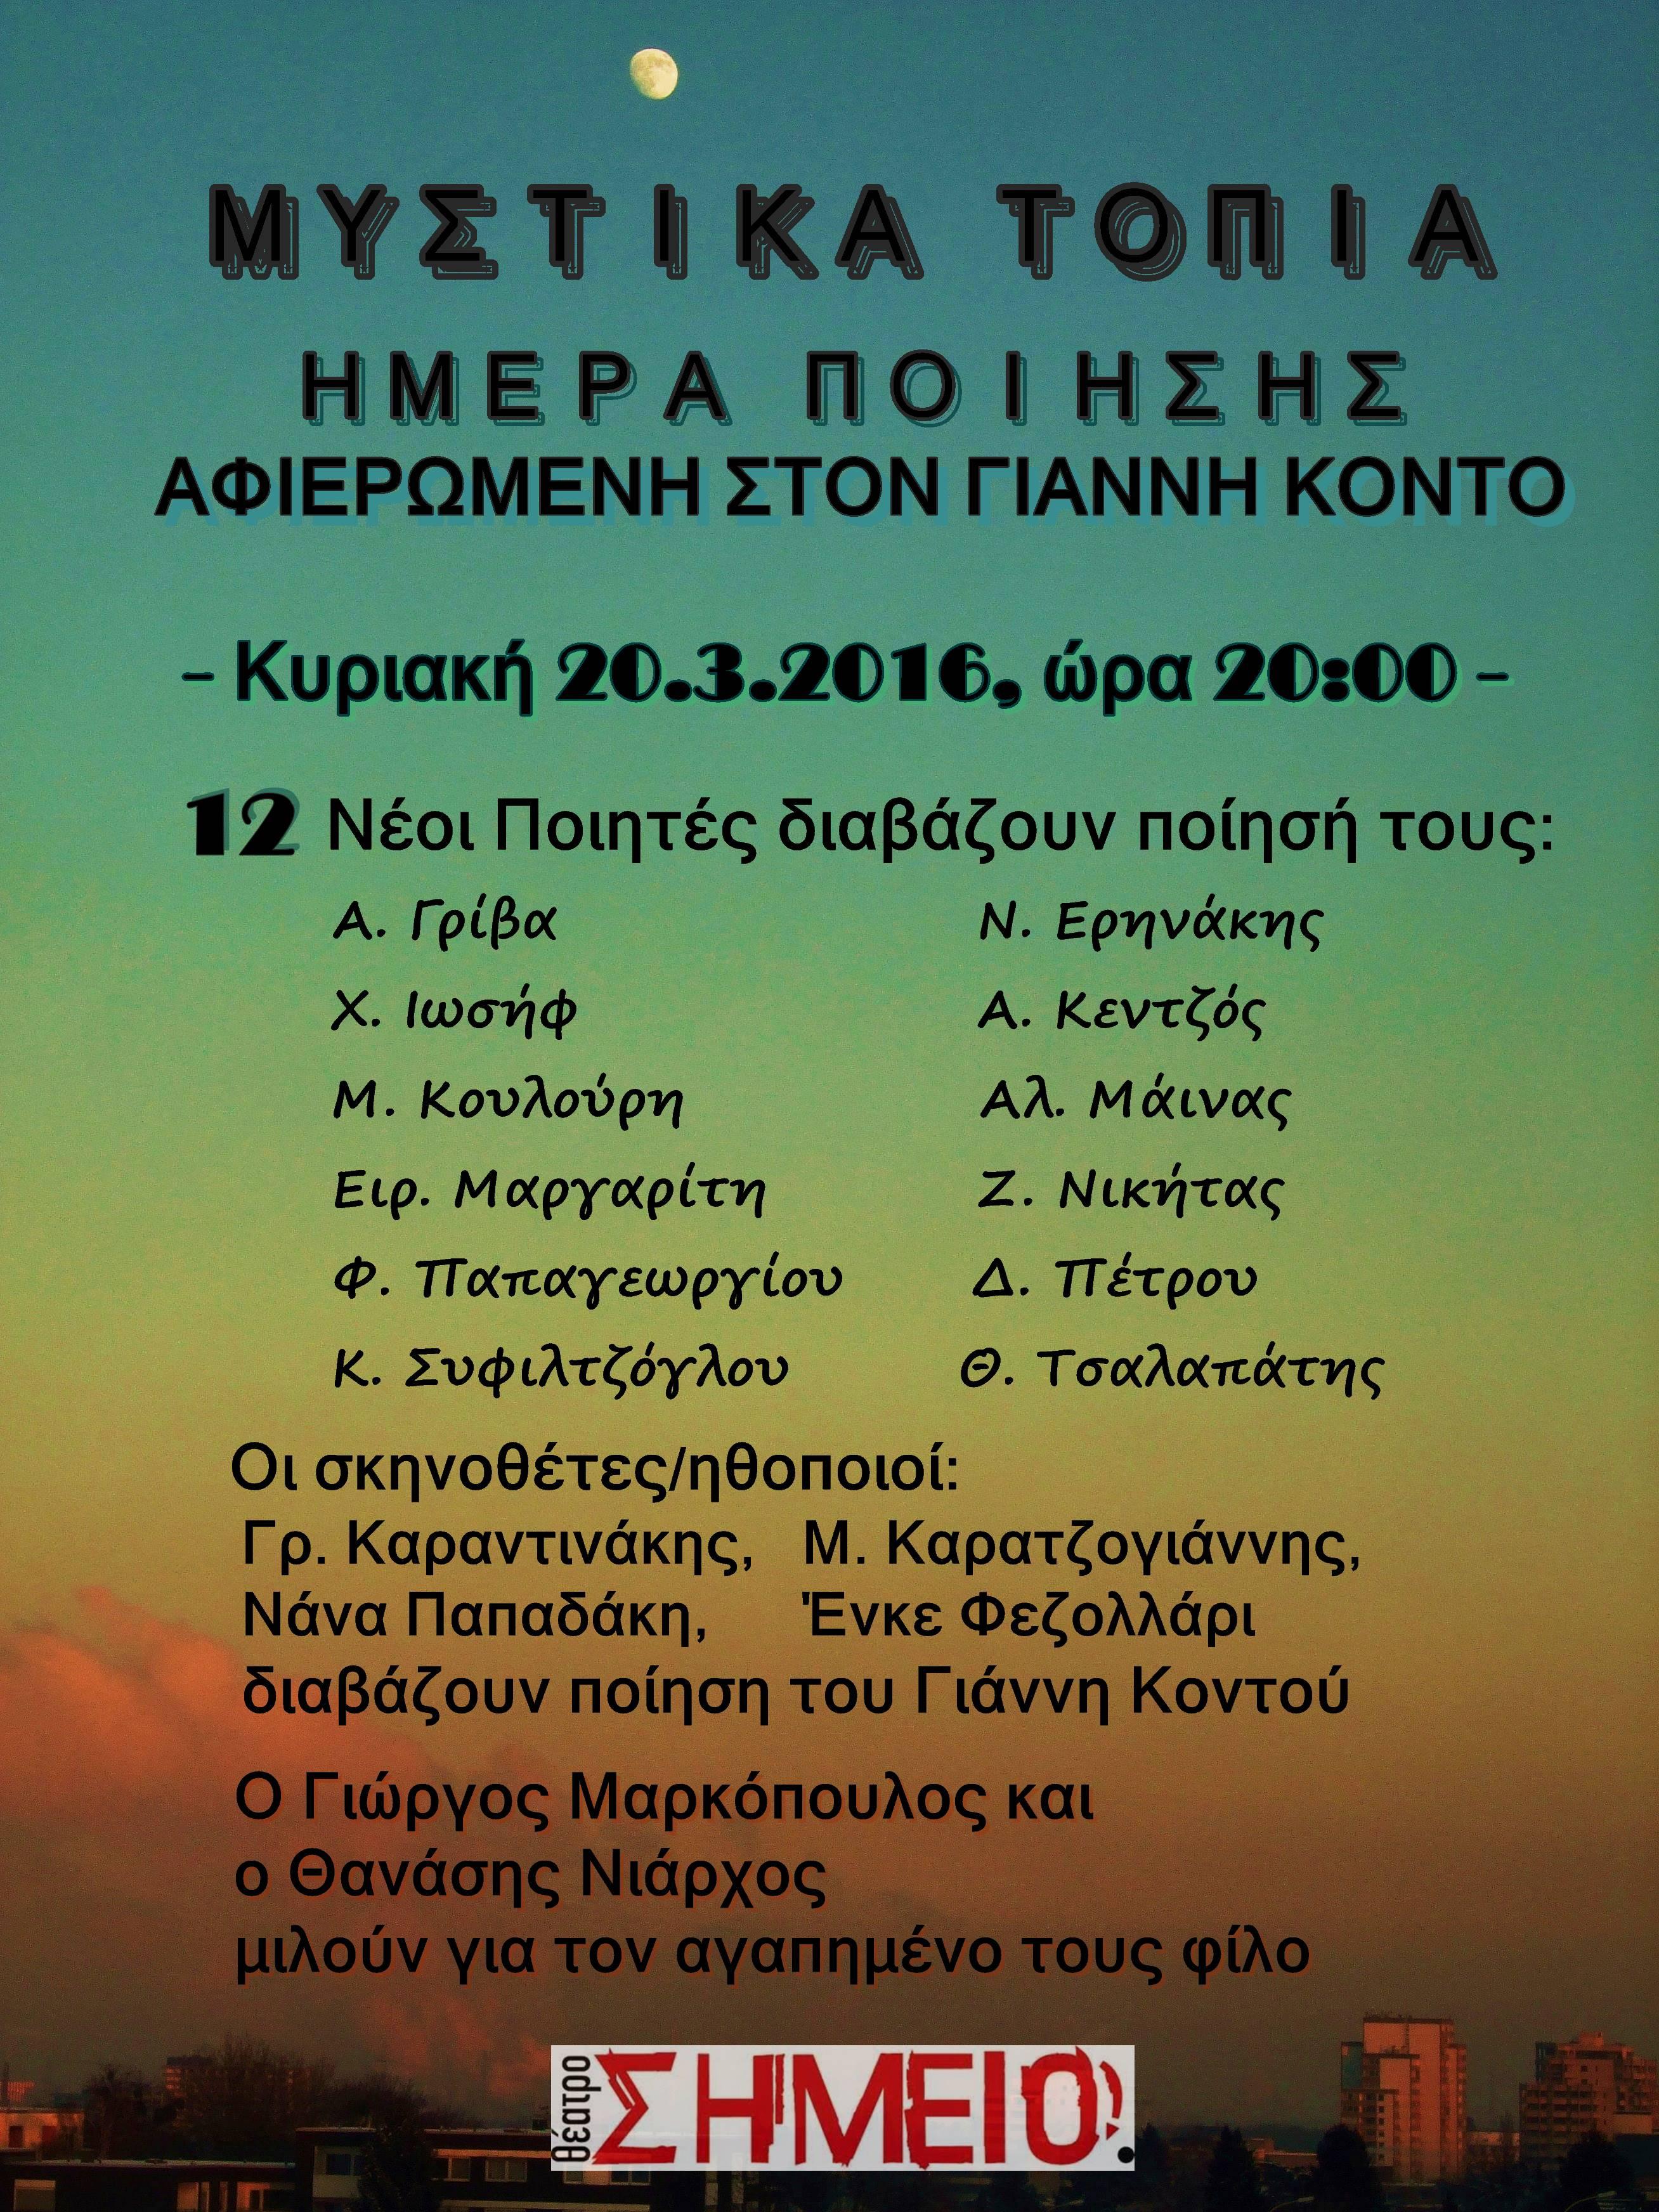 MYSTIKA_TOPIA__HMERA_POIHSHS_2016__sto_theatro_SHMEIO